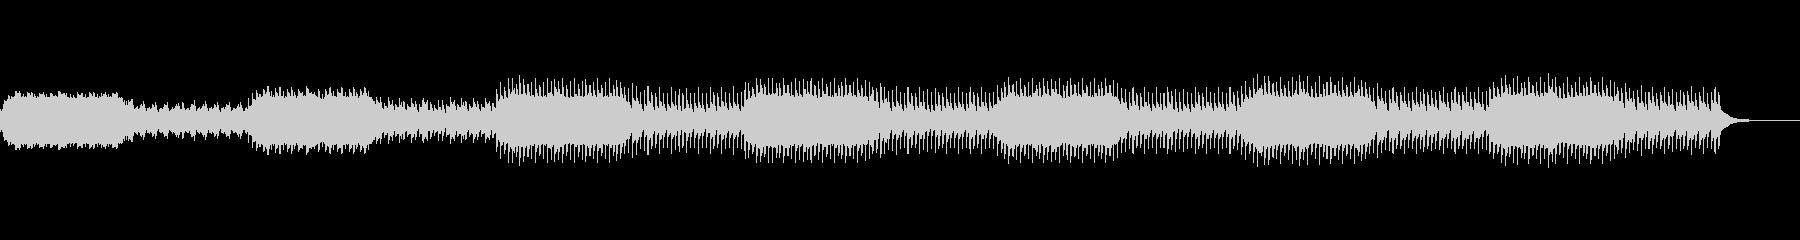 推理・探偵・謎解き・思考シーンBGMの未再生の波形